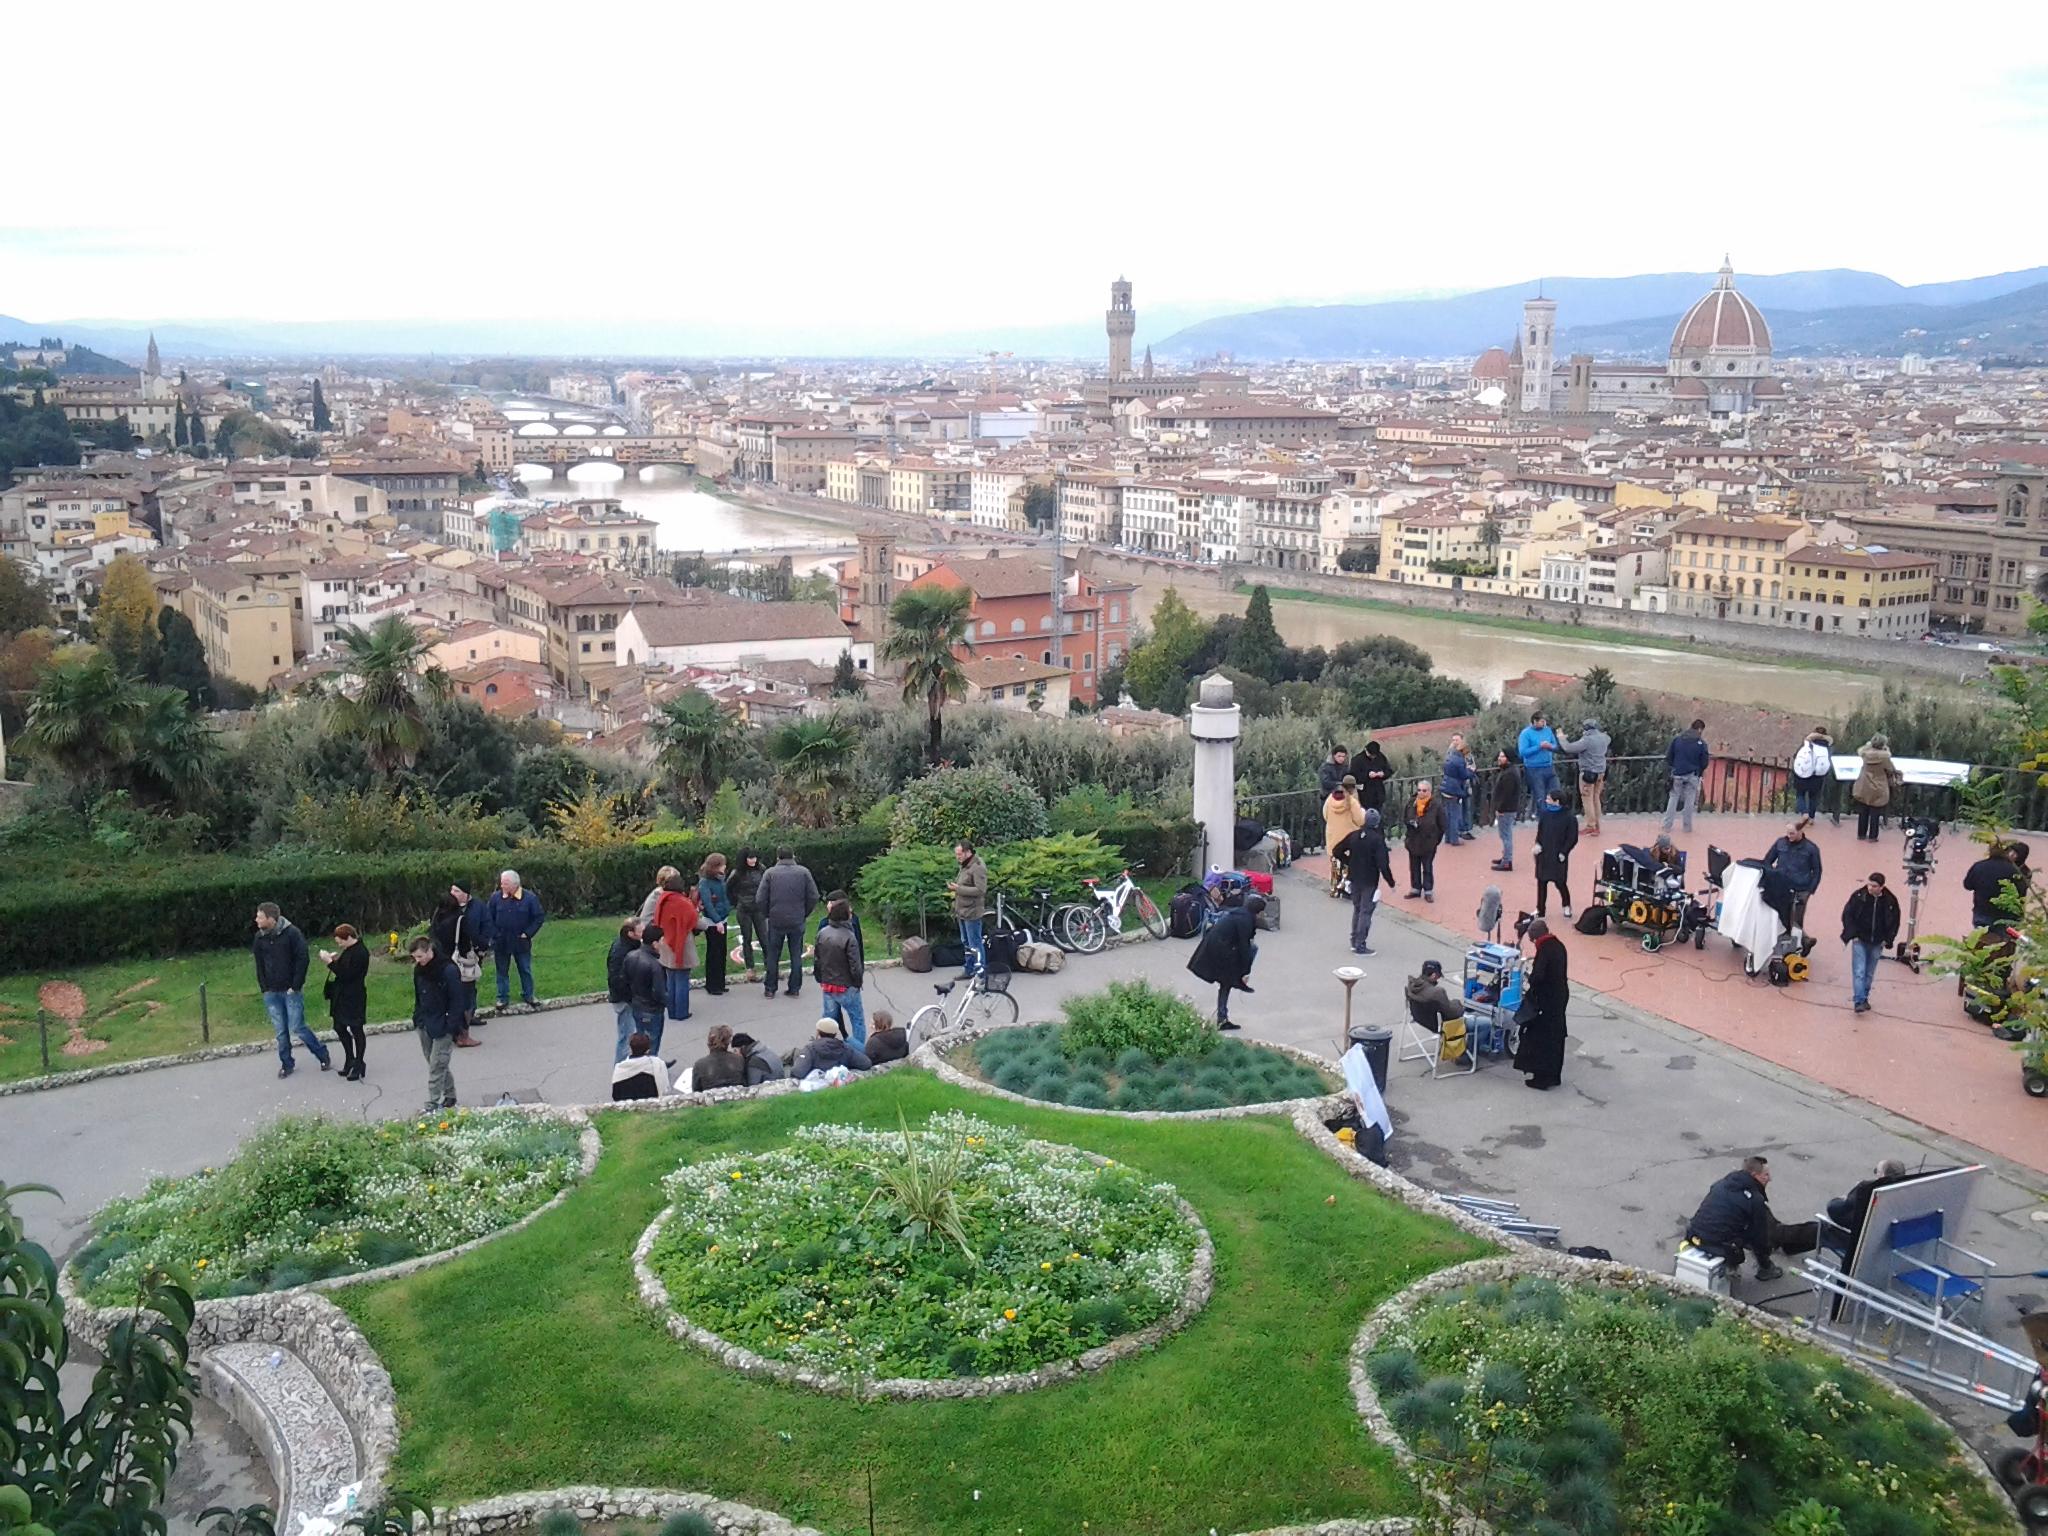 Riprese cinematografiche Firenze noleggio con autista Firenze